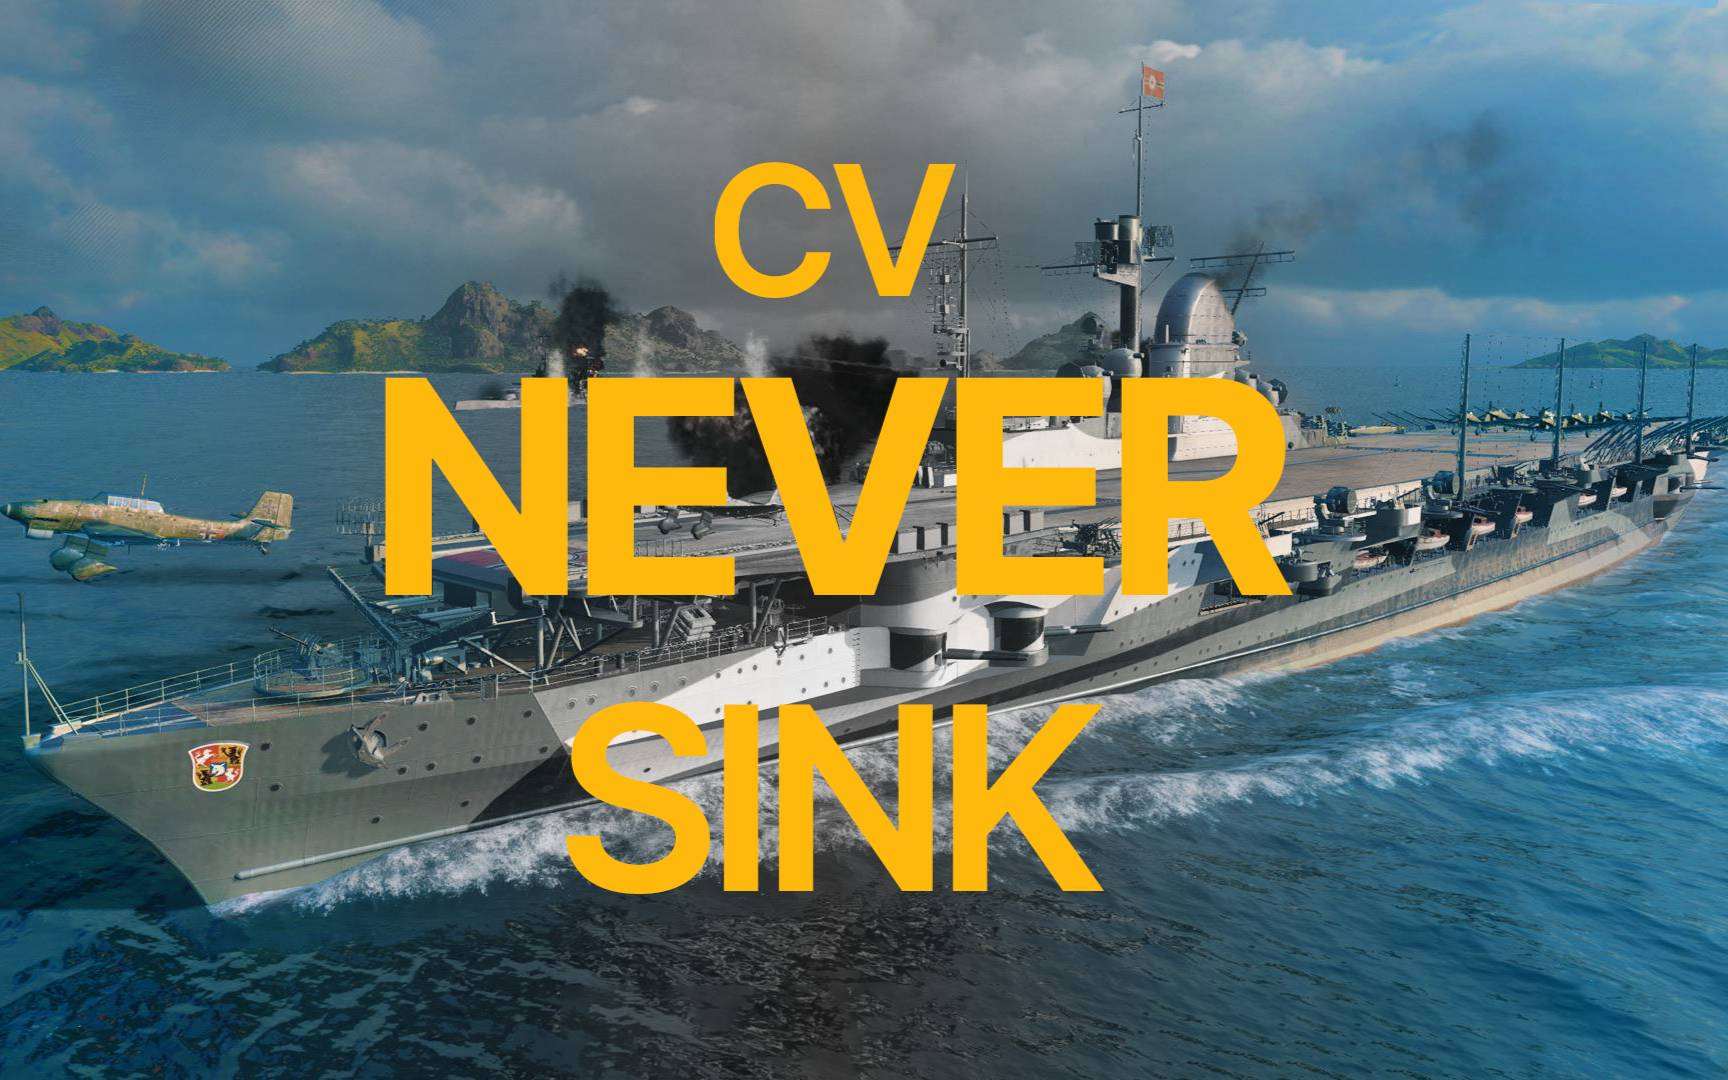 【出道616第二季】【战舰世界】CV NEVER SINK